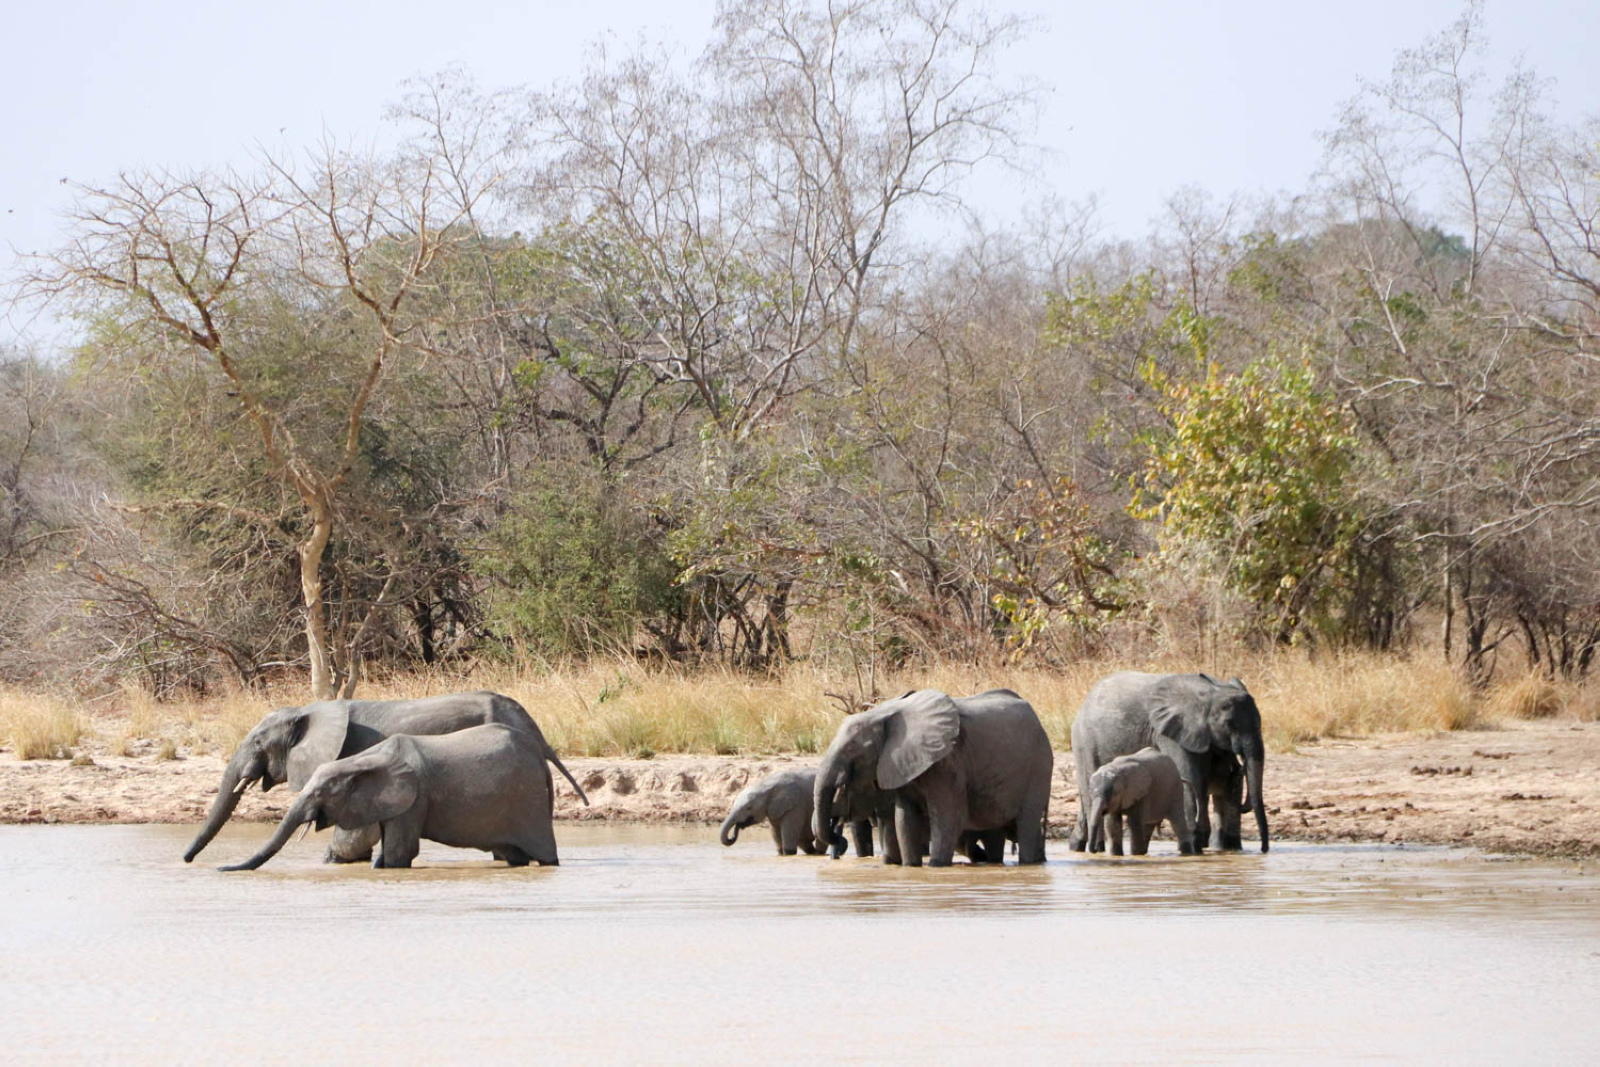 Elefanten beim kühlen Bad.